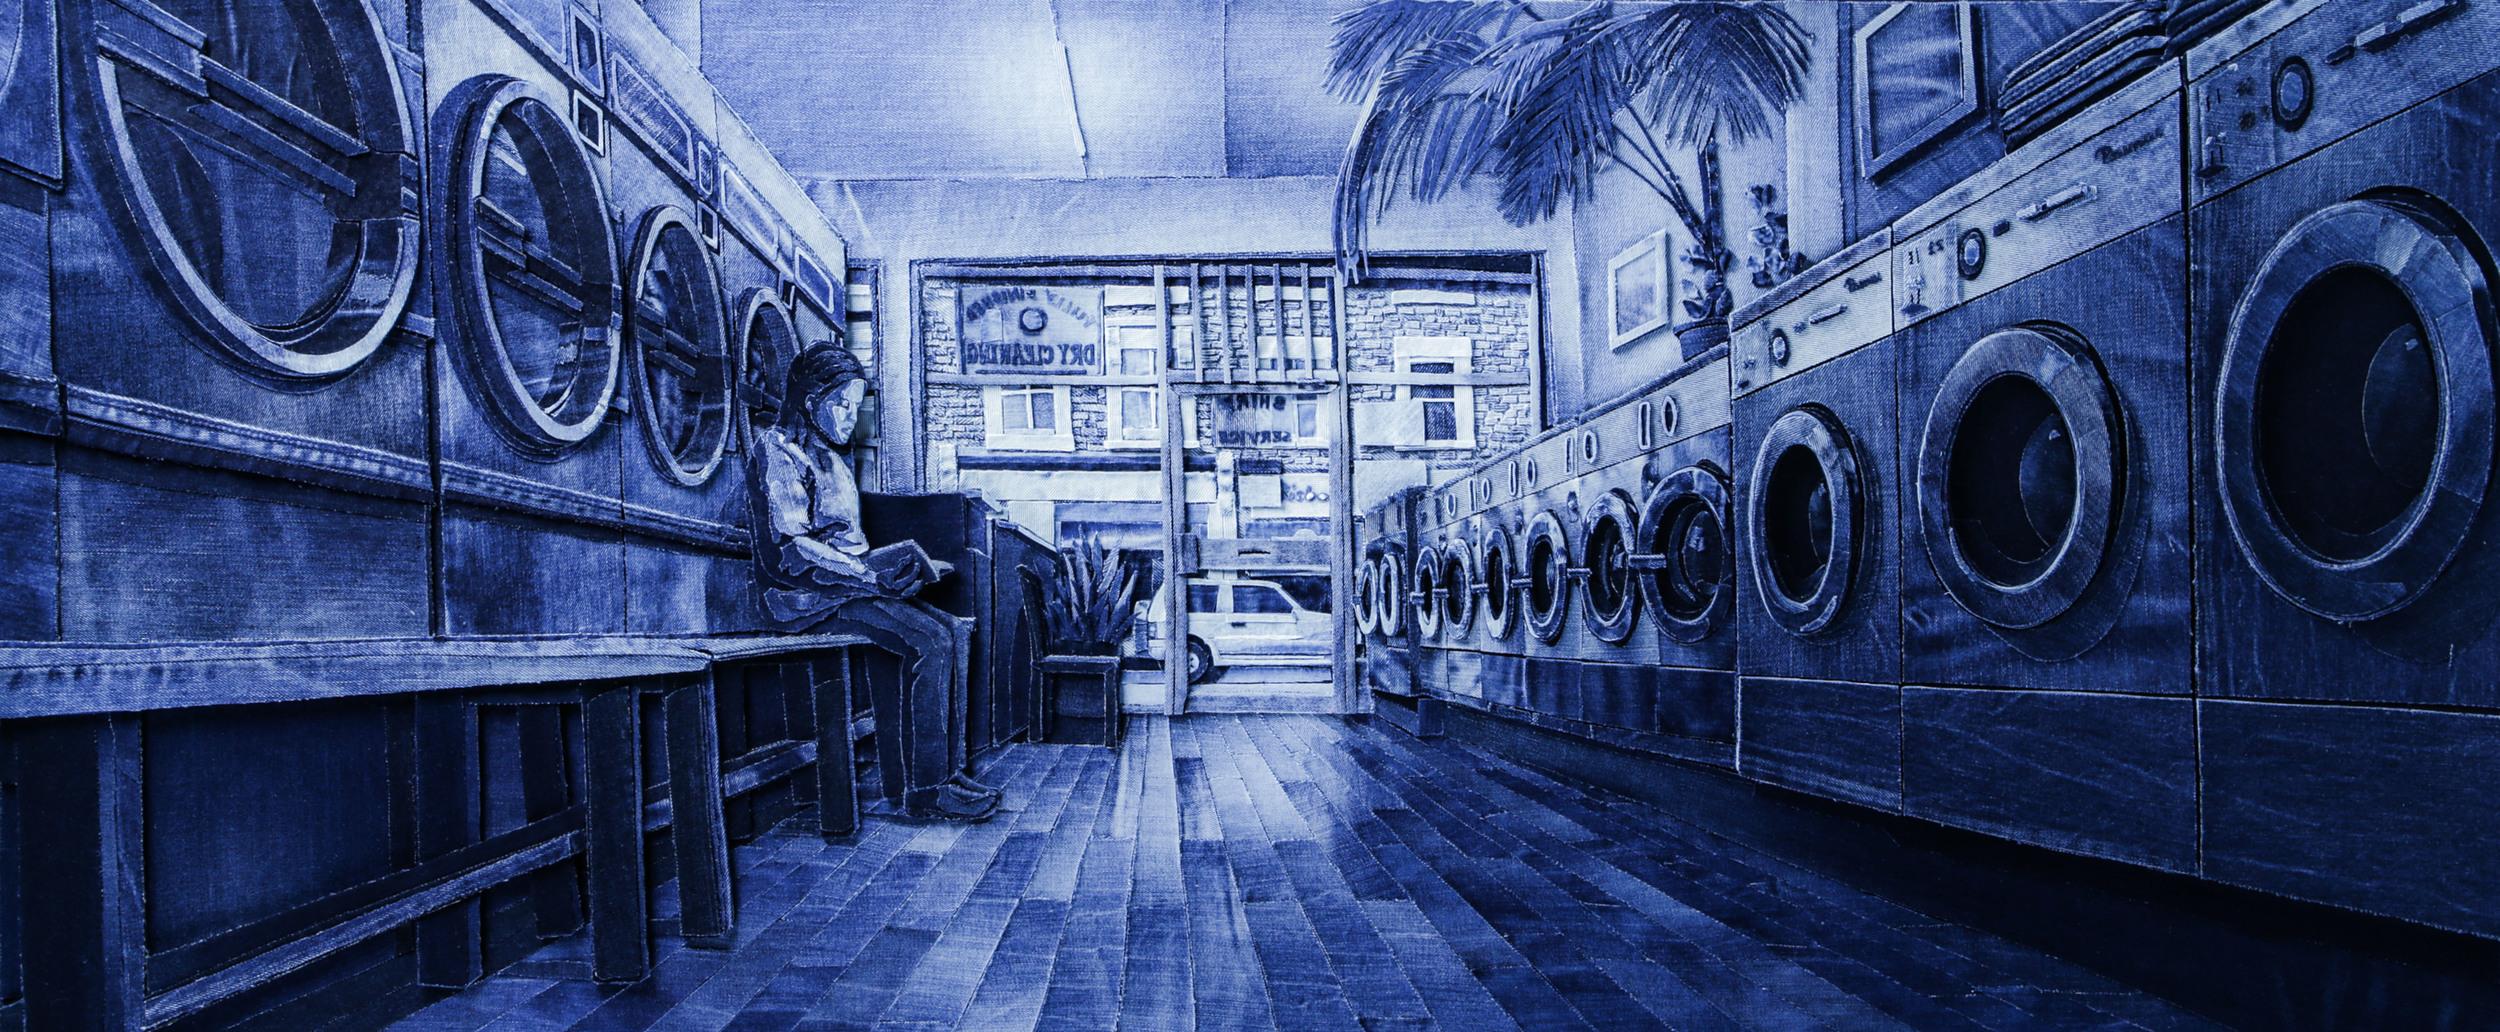 launderette_London